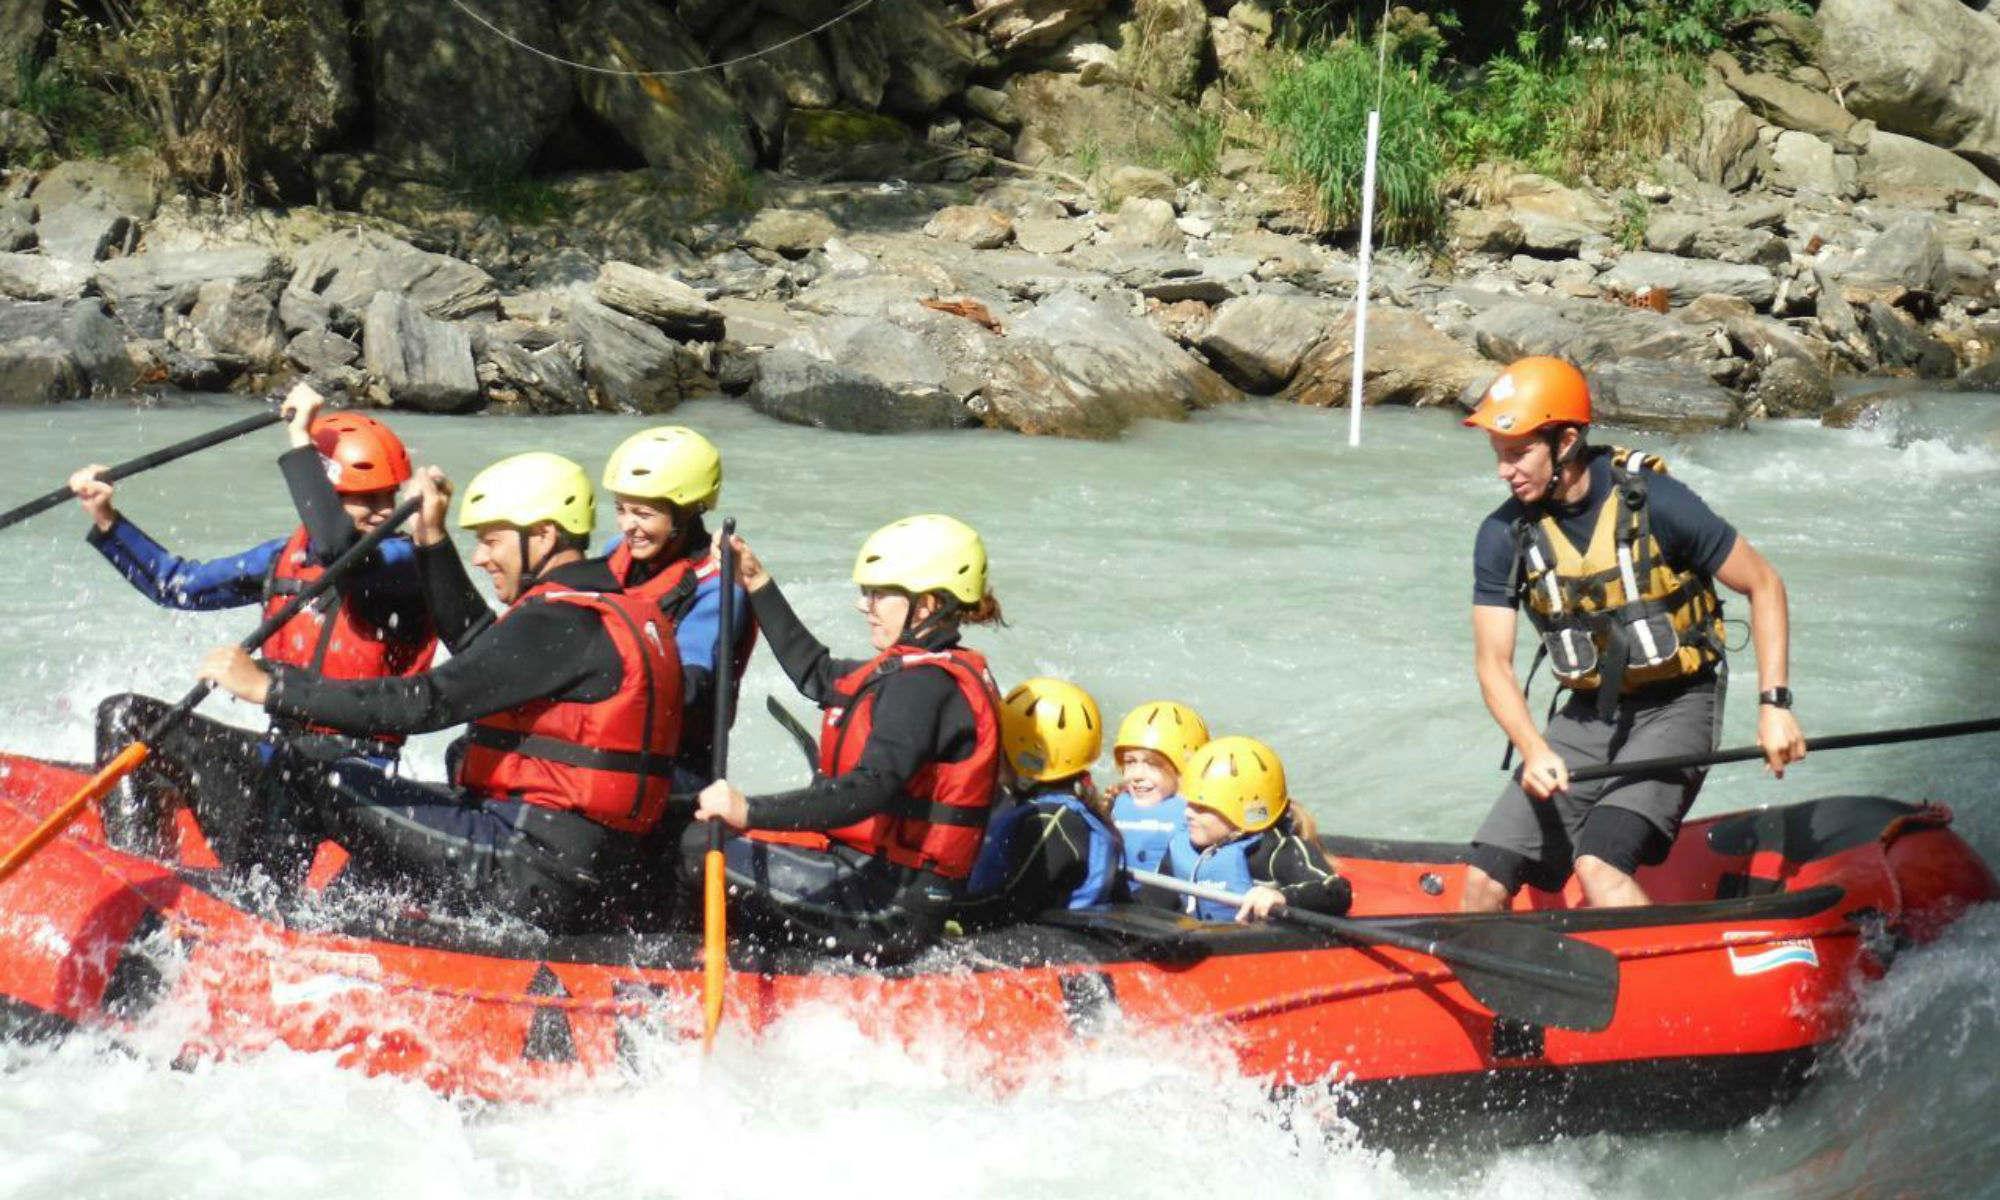 Un equipaggio formato da 4 adulti, 3 bambini e la guida, affronta l'Isarco divertiti.